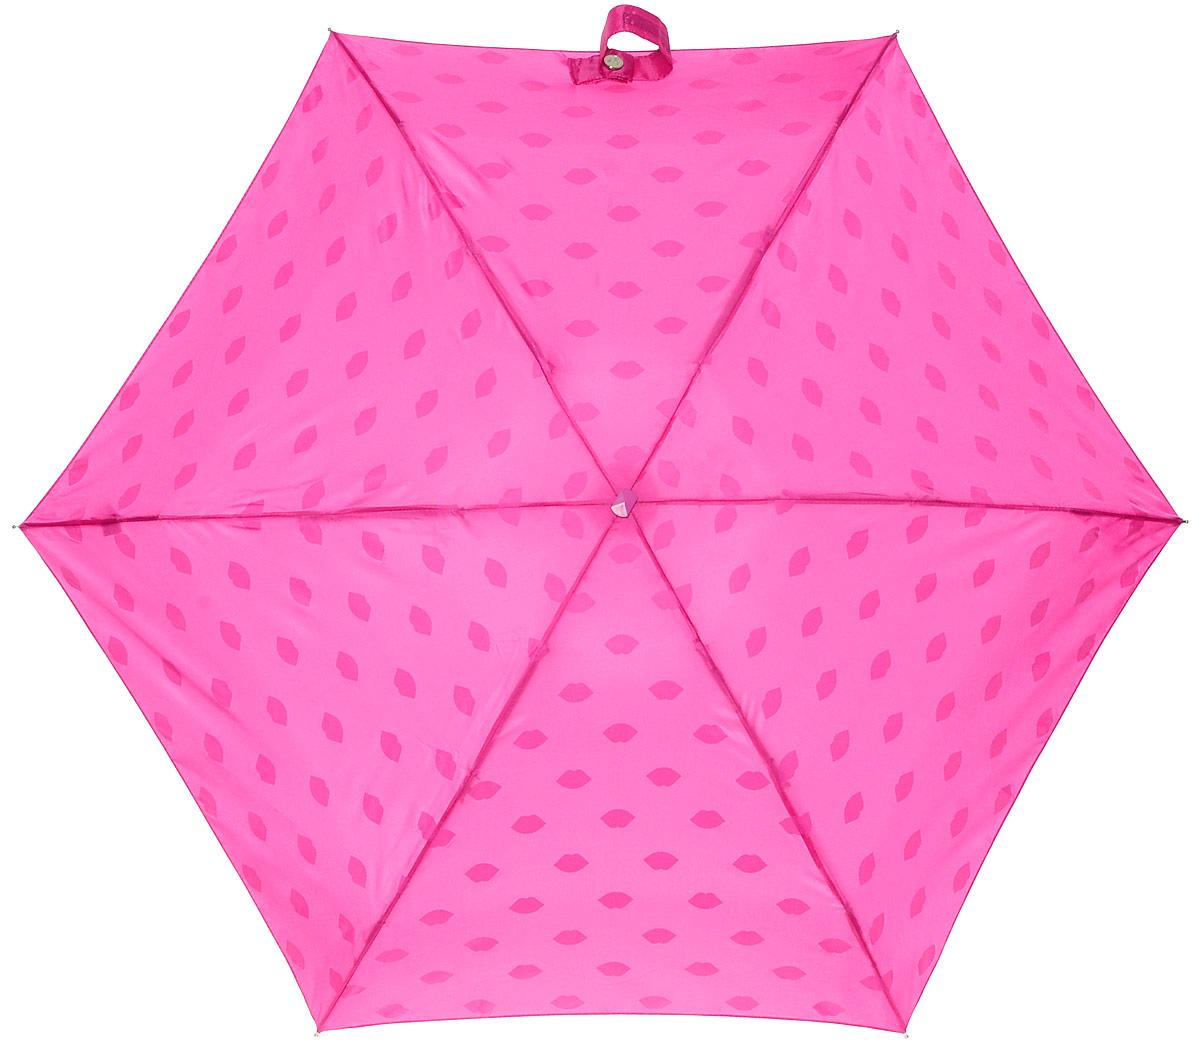 Зонт женский Lulu Guinness Tiny, механический, 5 сложений, цвет: фуксия, белый. L717-2781REM12-CAM-GREENBLACKСтильный механический зонт Lulu Guinness Tiny в 5 сложений даже в ненастную погоду позволит вам оставаться элегантной. Облегченный каркас зонта выполнен из 6 спиц из фибергласса и алюминия, стержень также изготовлен из алюминия, удобная рукоятка - из пластика. Купол зонта выполнен из прочного полиэстера. В закрытом виде застегивается хлястиком на липучке. Яркий оригинальный принт в виде изображения губ поднимет настроение в дождливый день.Зонт механического сложения: купол открывается и закрывается вручную до характерного щелчка.На рукоятке для удобства есть небольшой шнурок, позволяющий надеть зонт на руку тогда, когда это будет необходимо. К зонту прилагается чехол с небольшой нашивкой с названием бренда. Такой зонт компактно располагается в кармане, сумочке, дверке автомобиля.